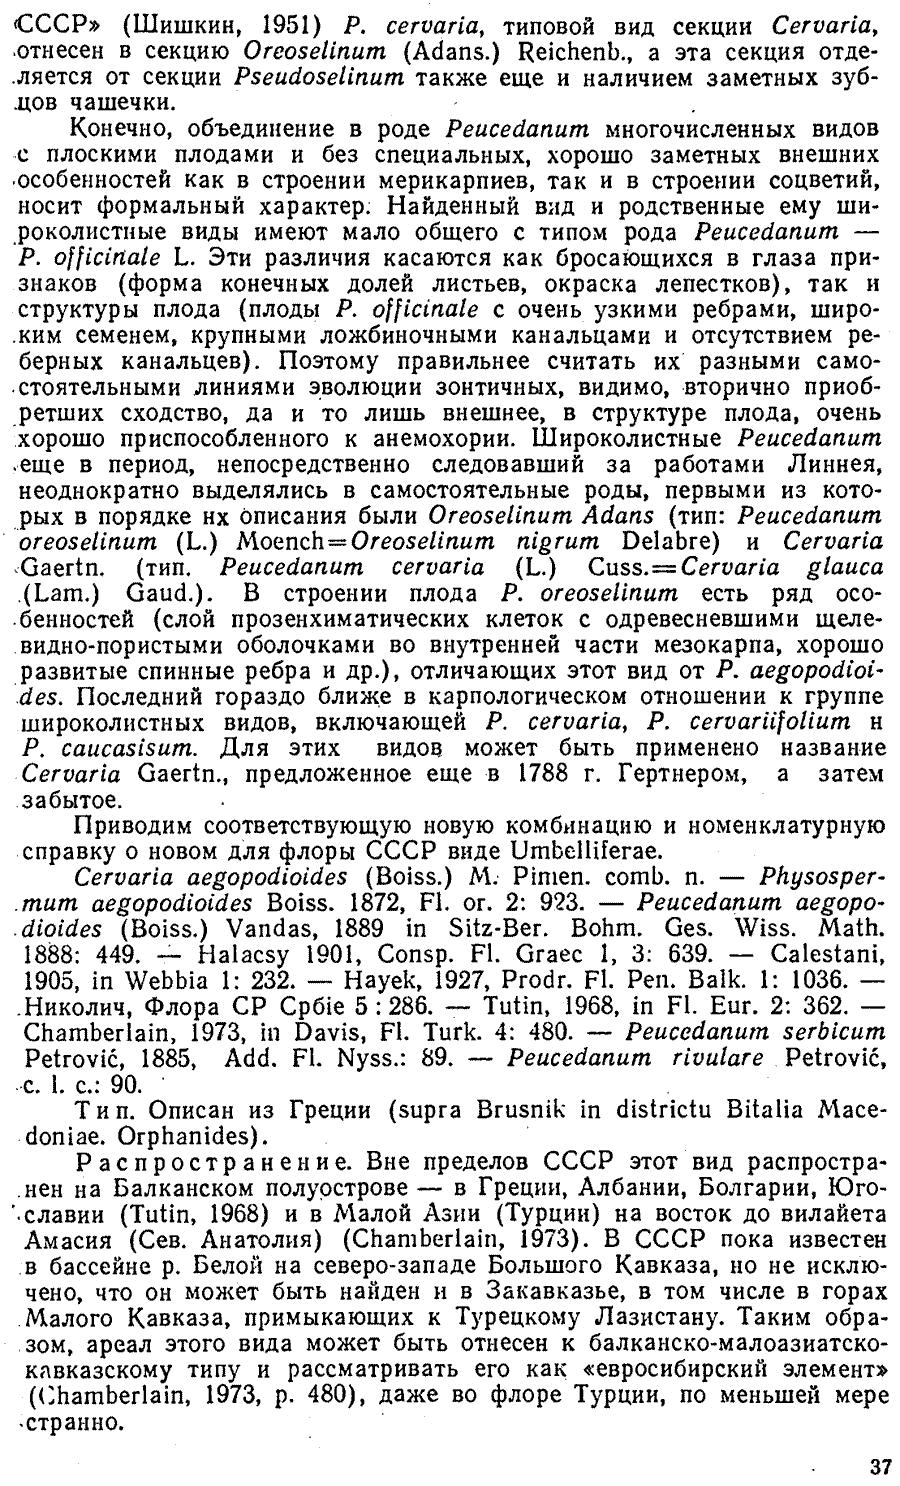 https://forum.plantarium.ru/misc.php?action=pun_attachment&item=27809